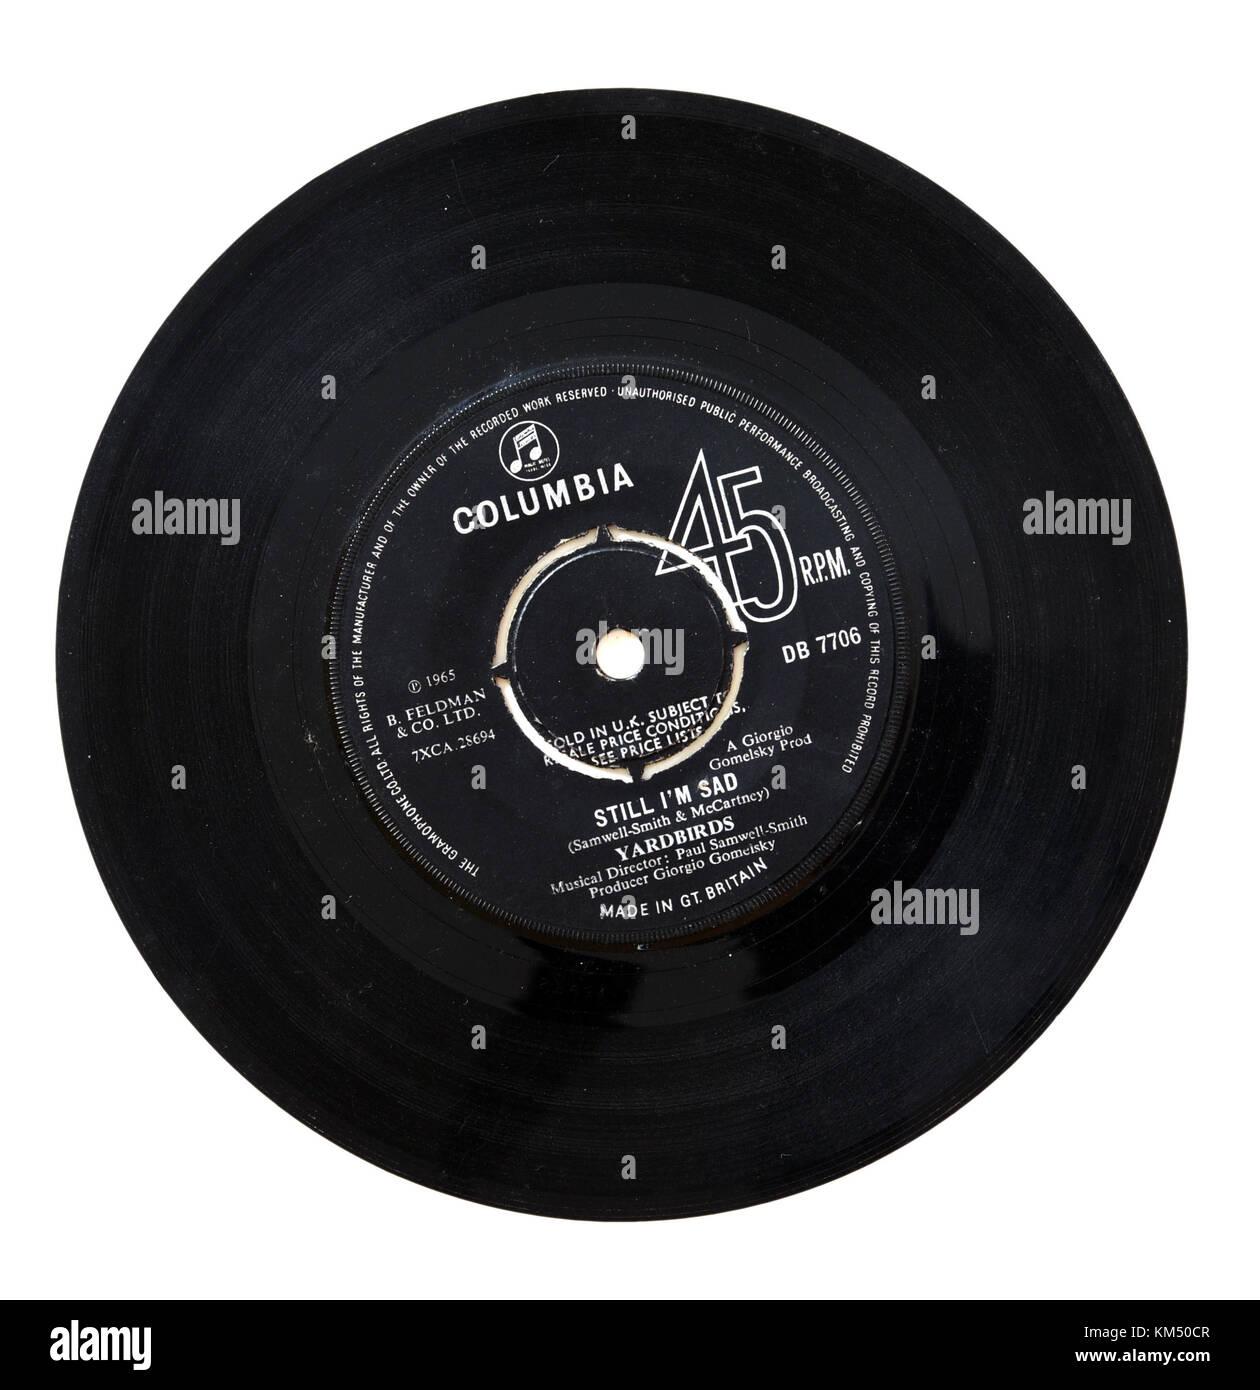 Yardbirds Still I'm Sad seven inch single - Stock Image